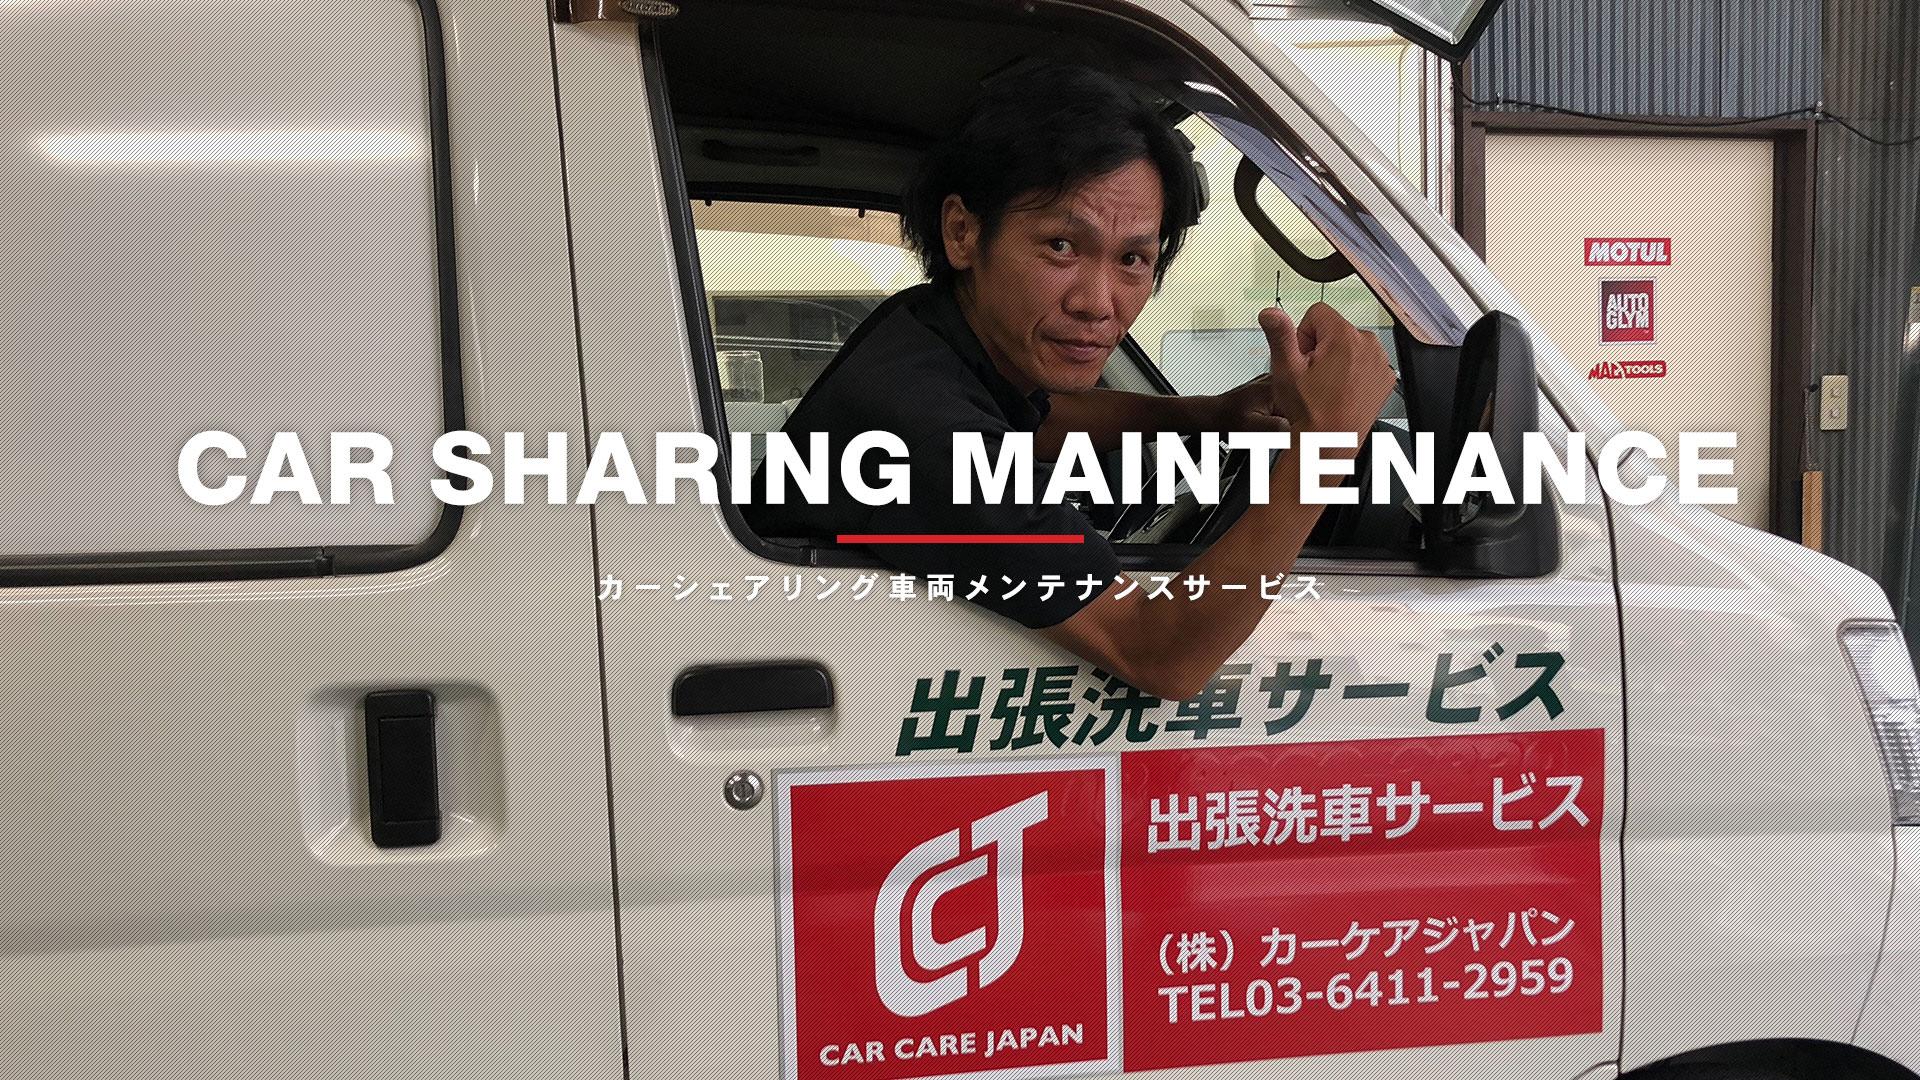 カーシェアリング車両のメンテナンスサービス